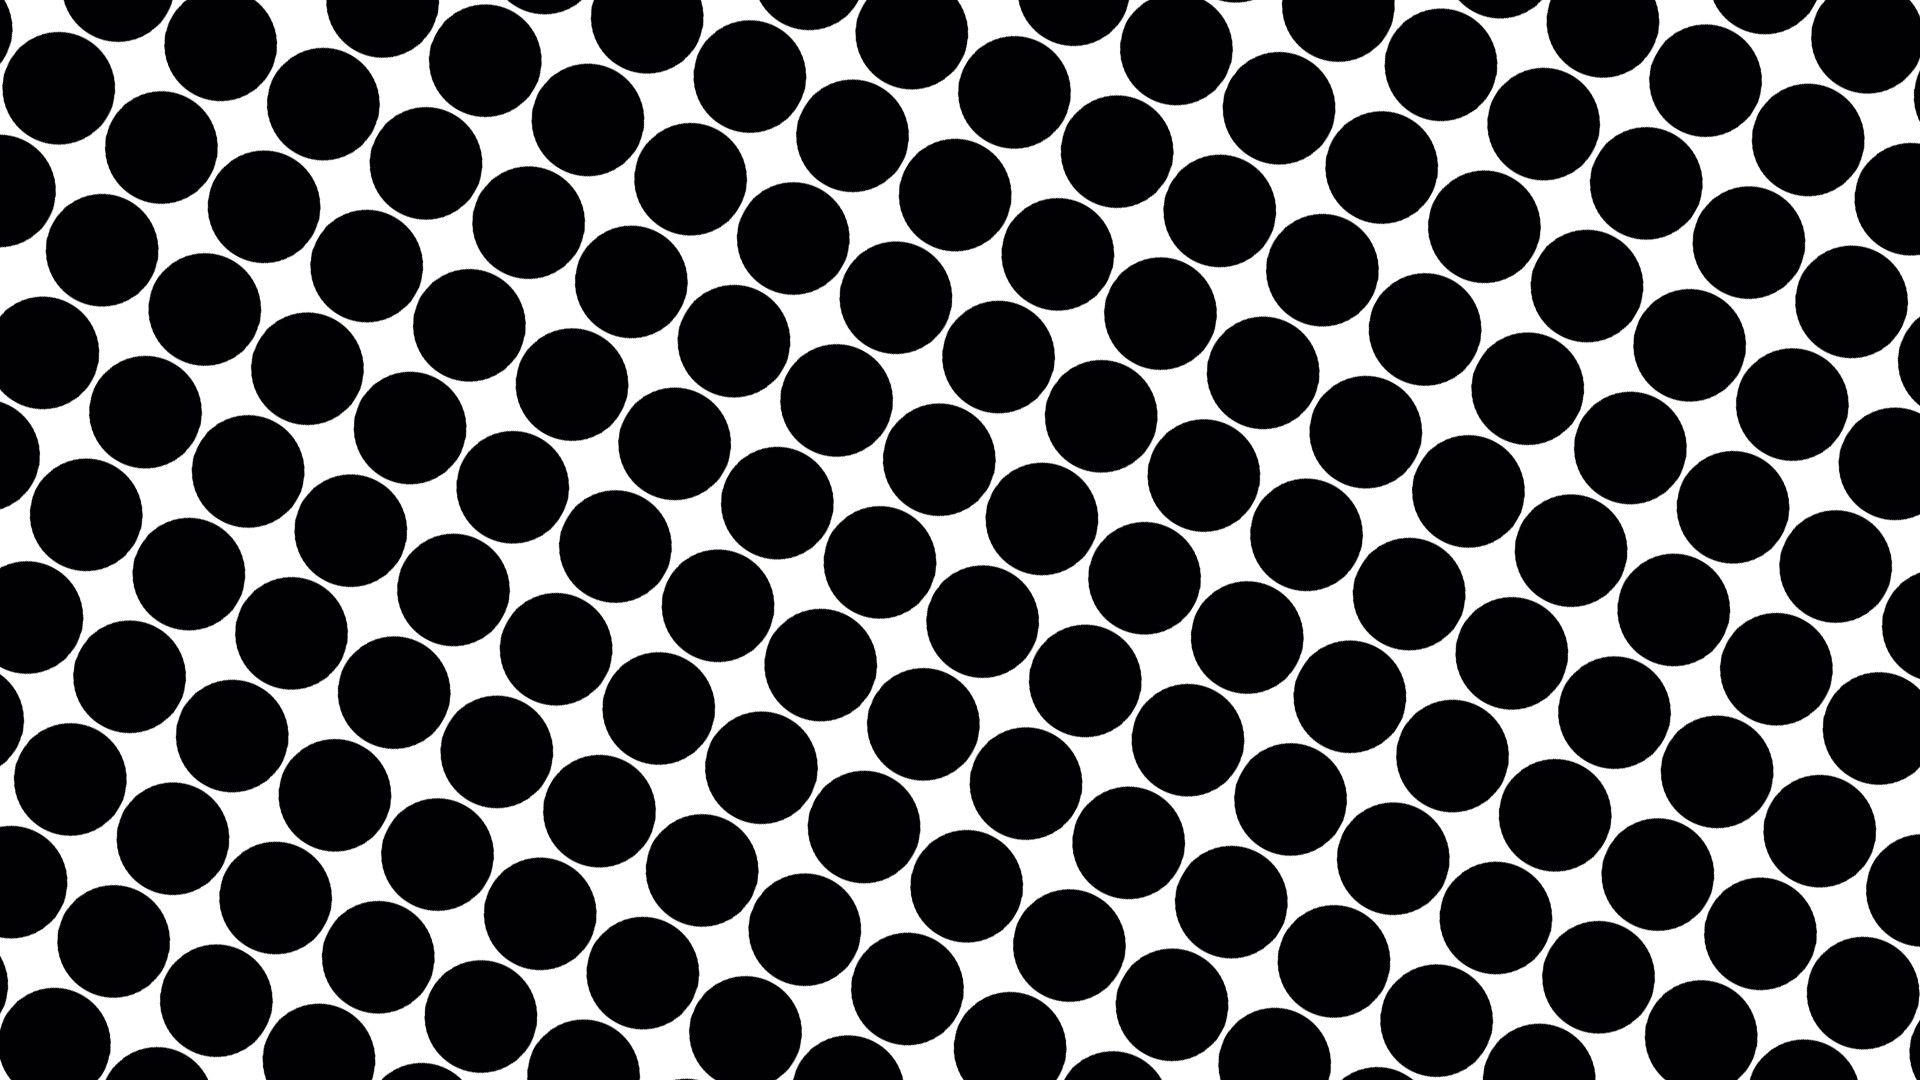 Dots Good Wallpaper